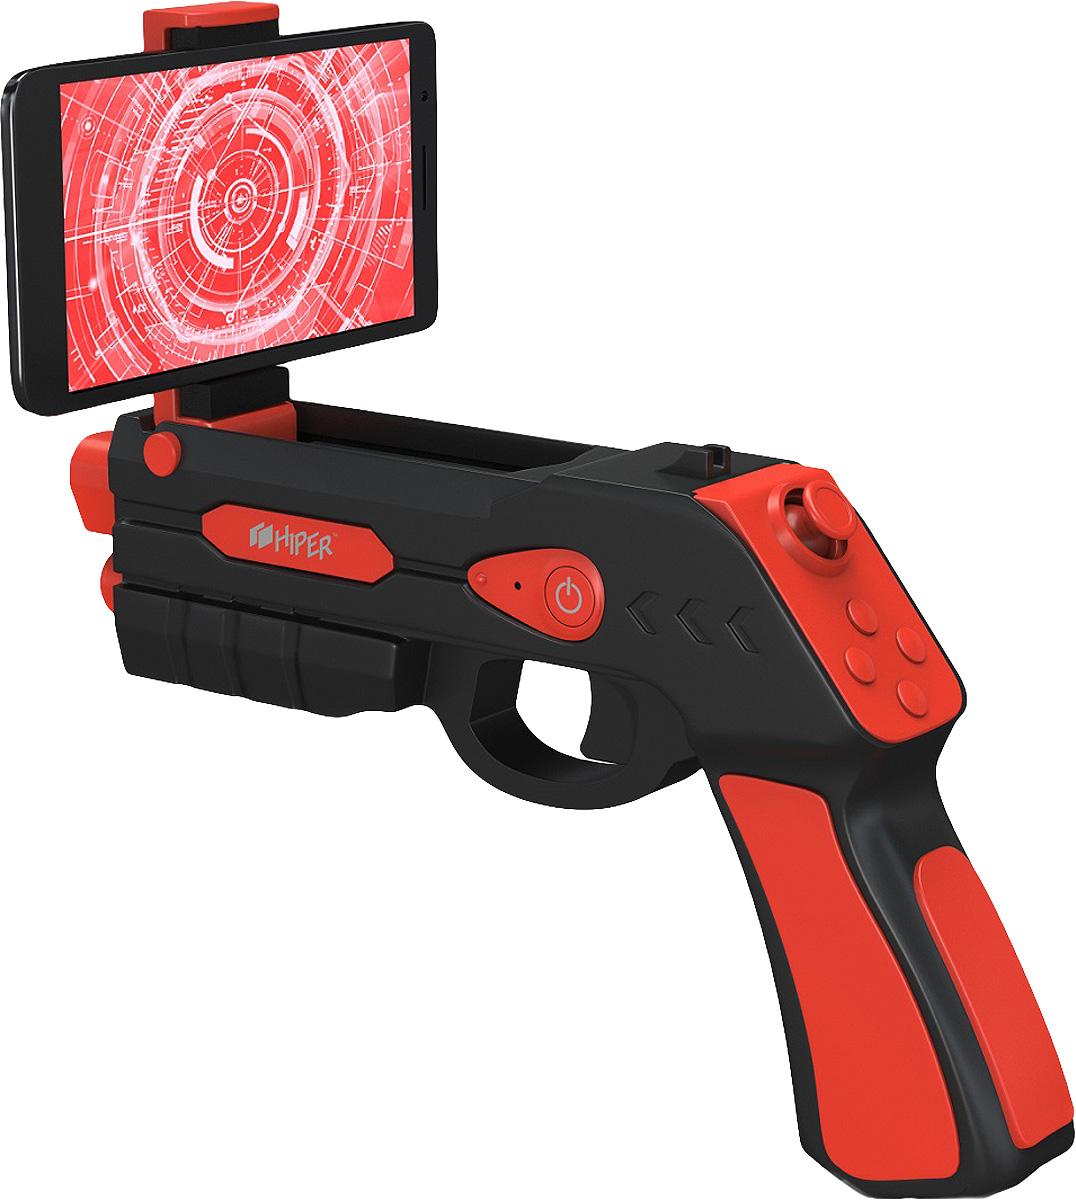 HIPER ARGUN 501, Black Red игровой контроллер - Геймпады, джойстики, рули